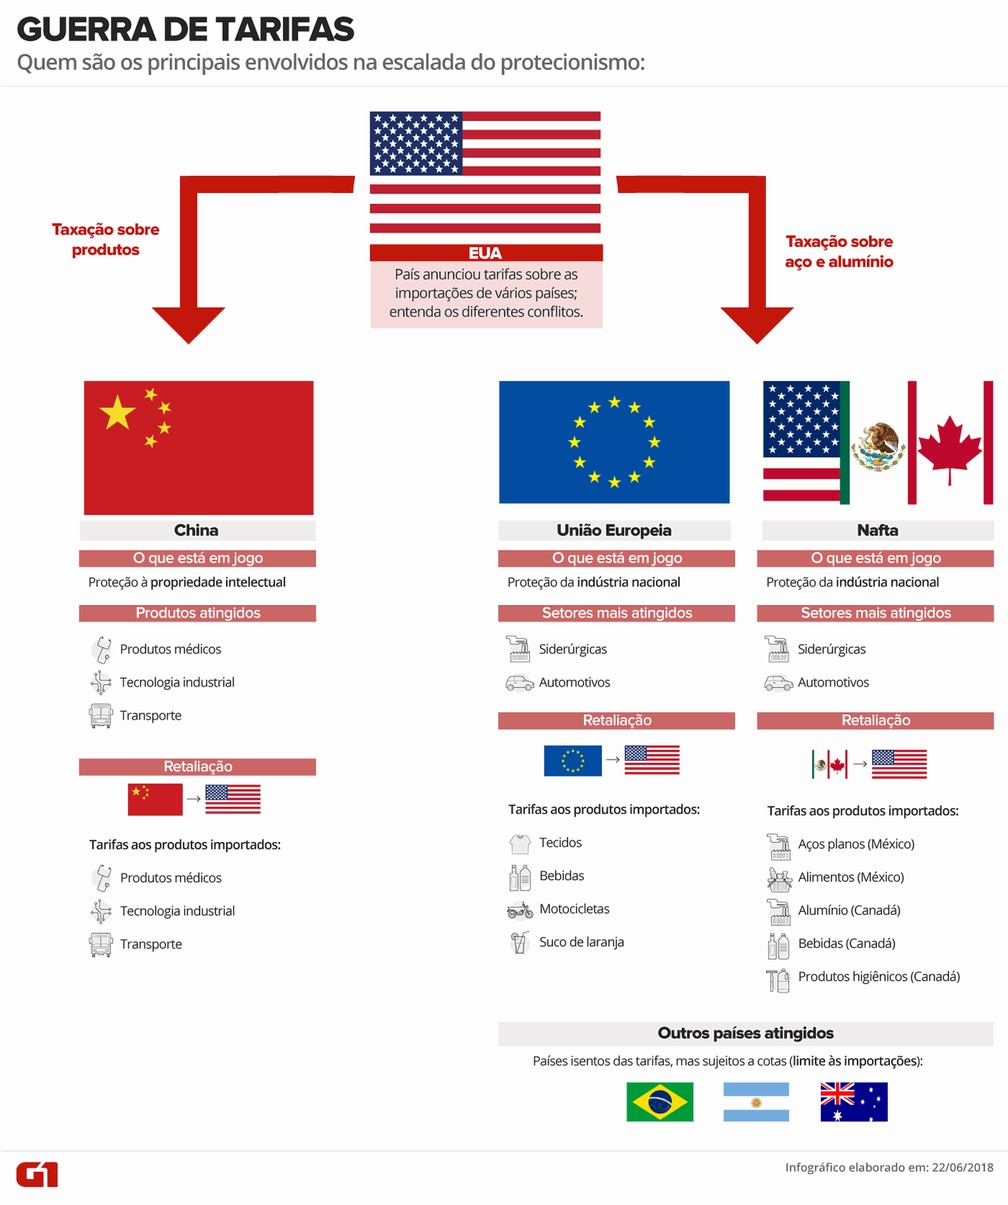 Entenda a escalada da guerra comercial no mundo - Guerra de Tarifas - China-EUA — Foto: Juliane Almeida/G1